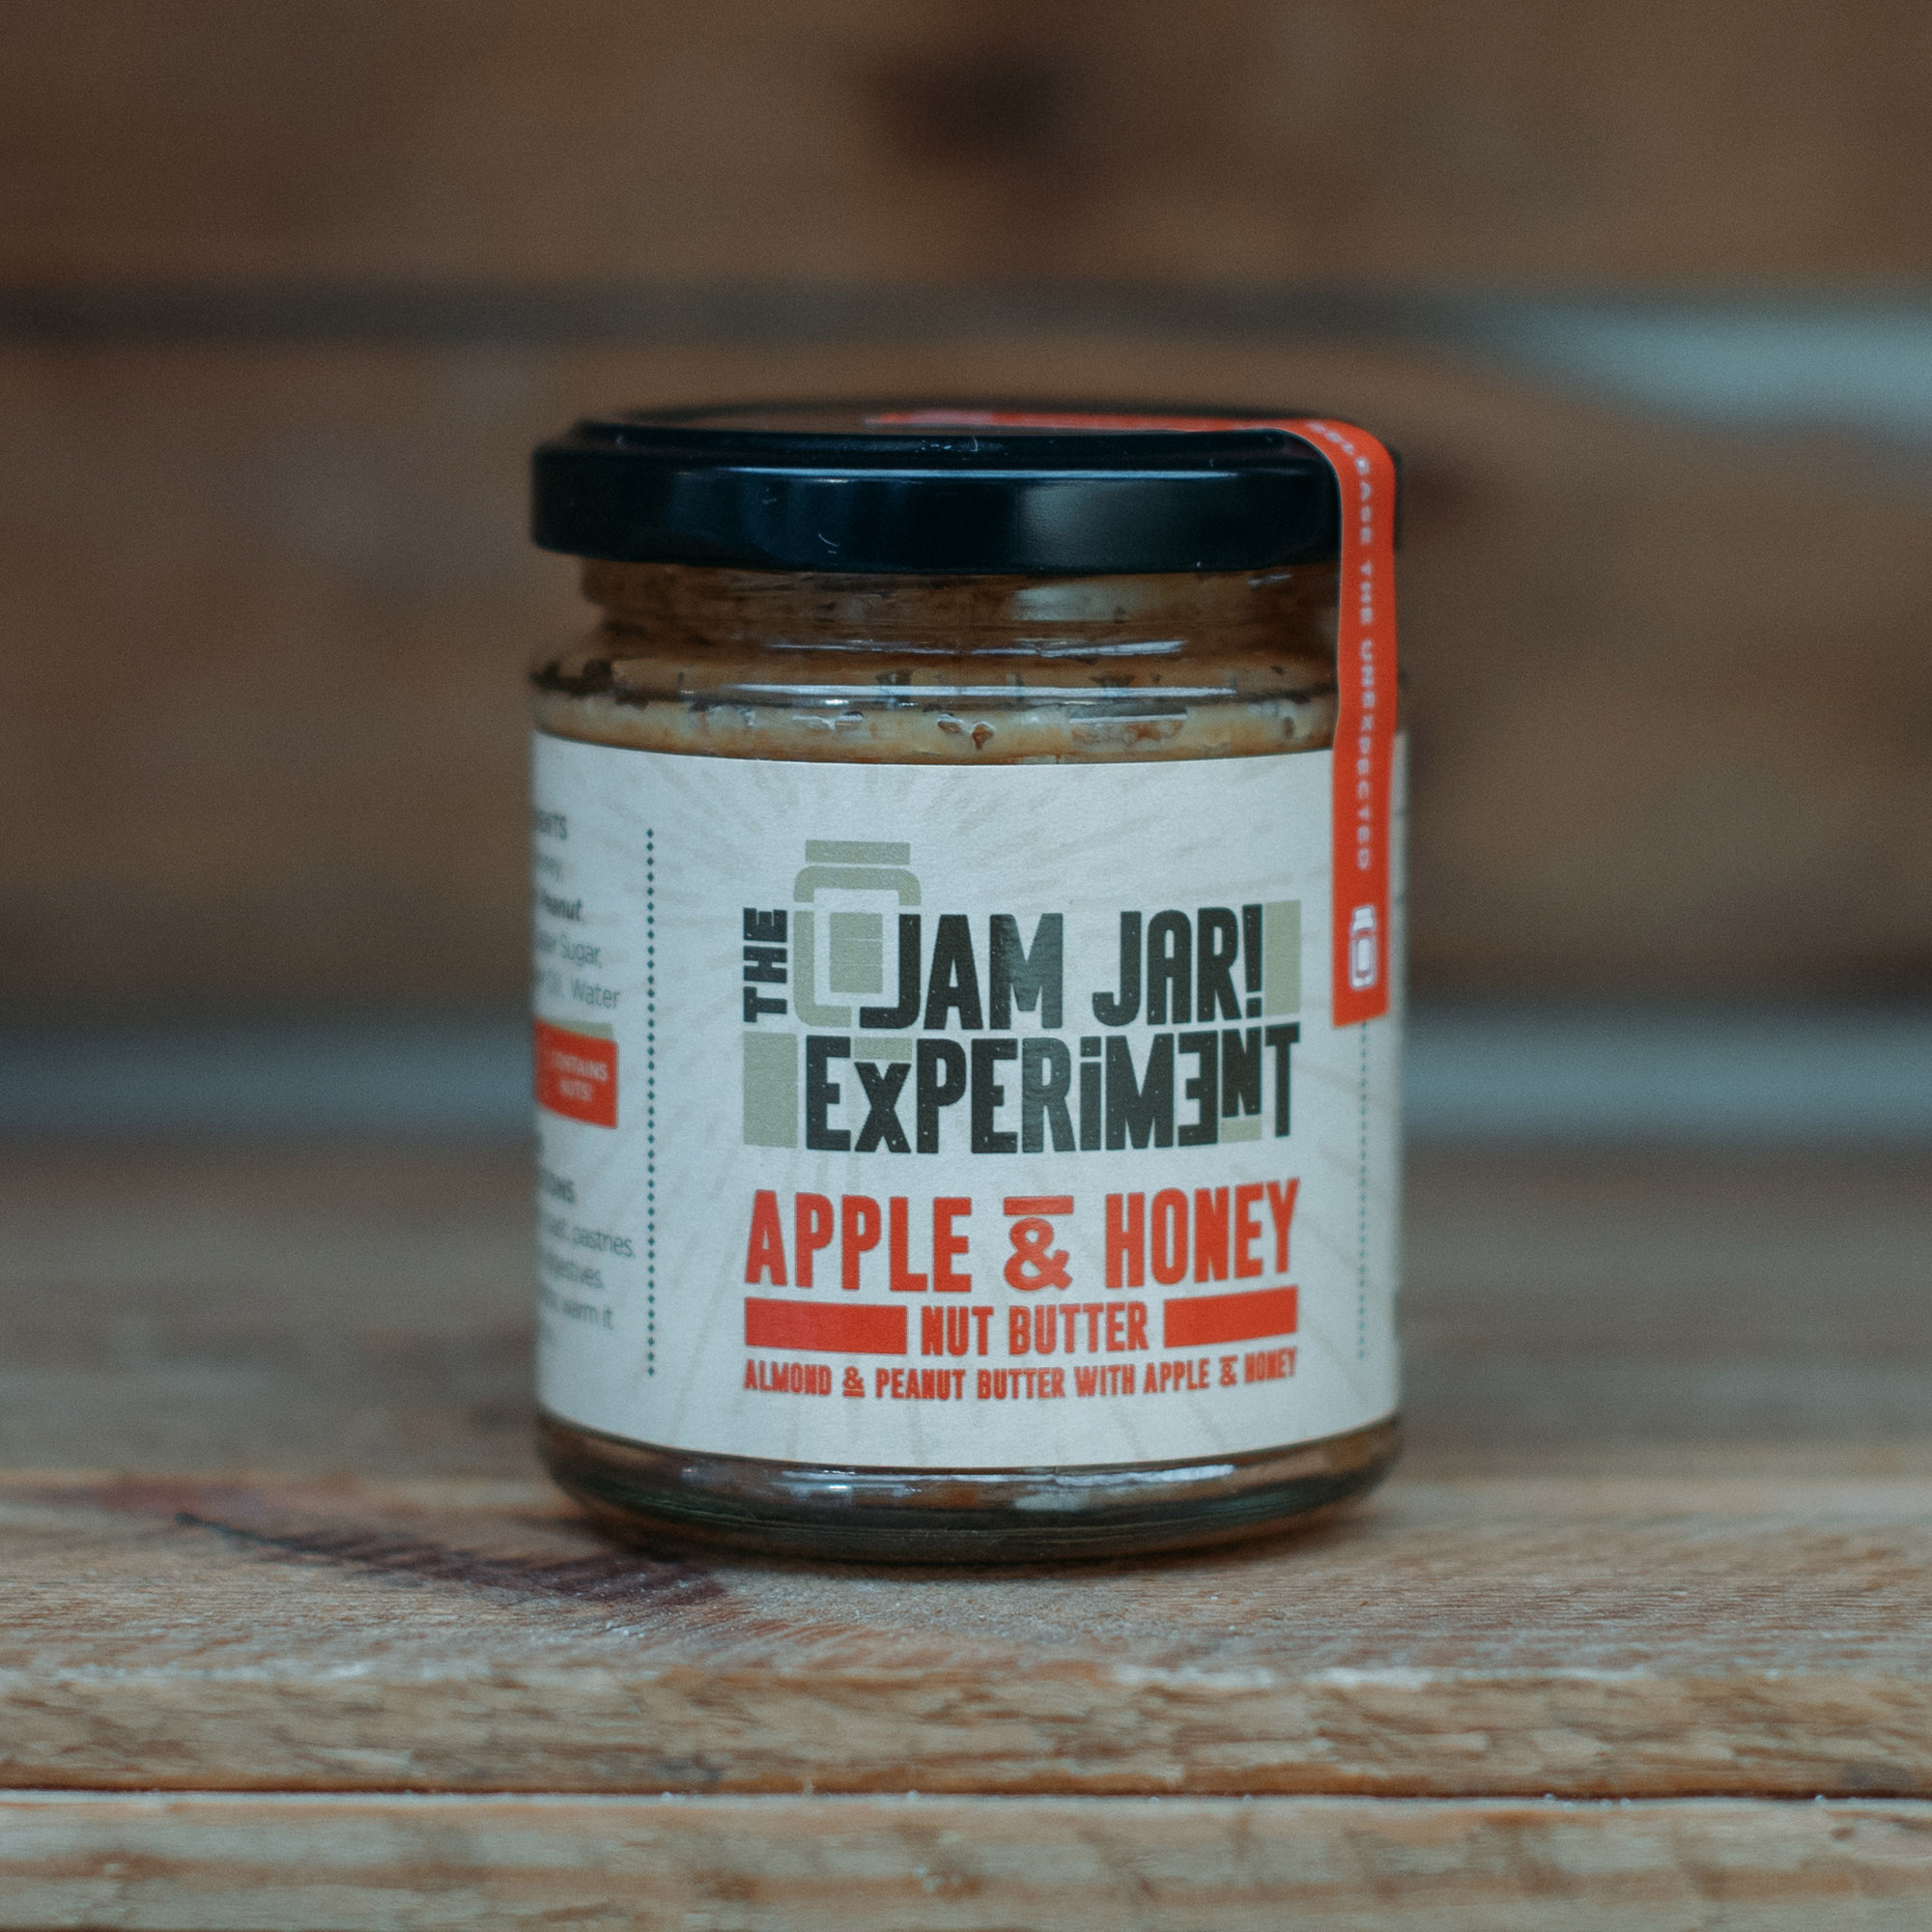 JJE-web-pageproduct-square-apple-honey-2019-S1-V1.jpg